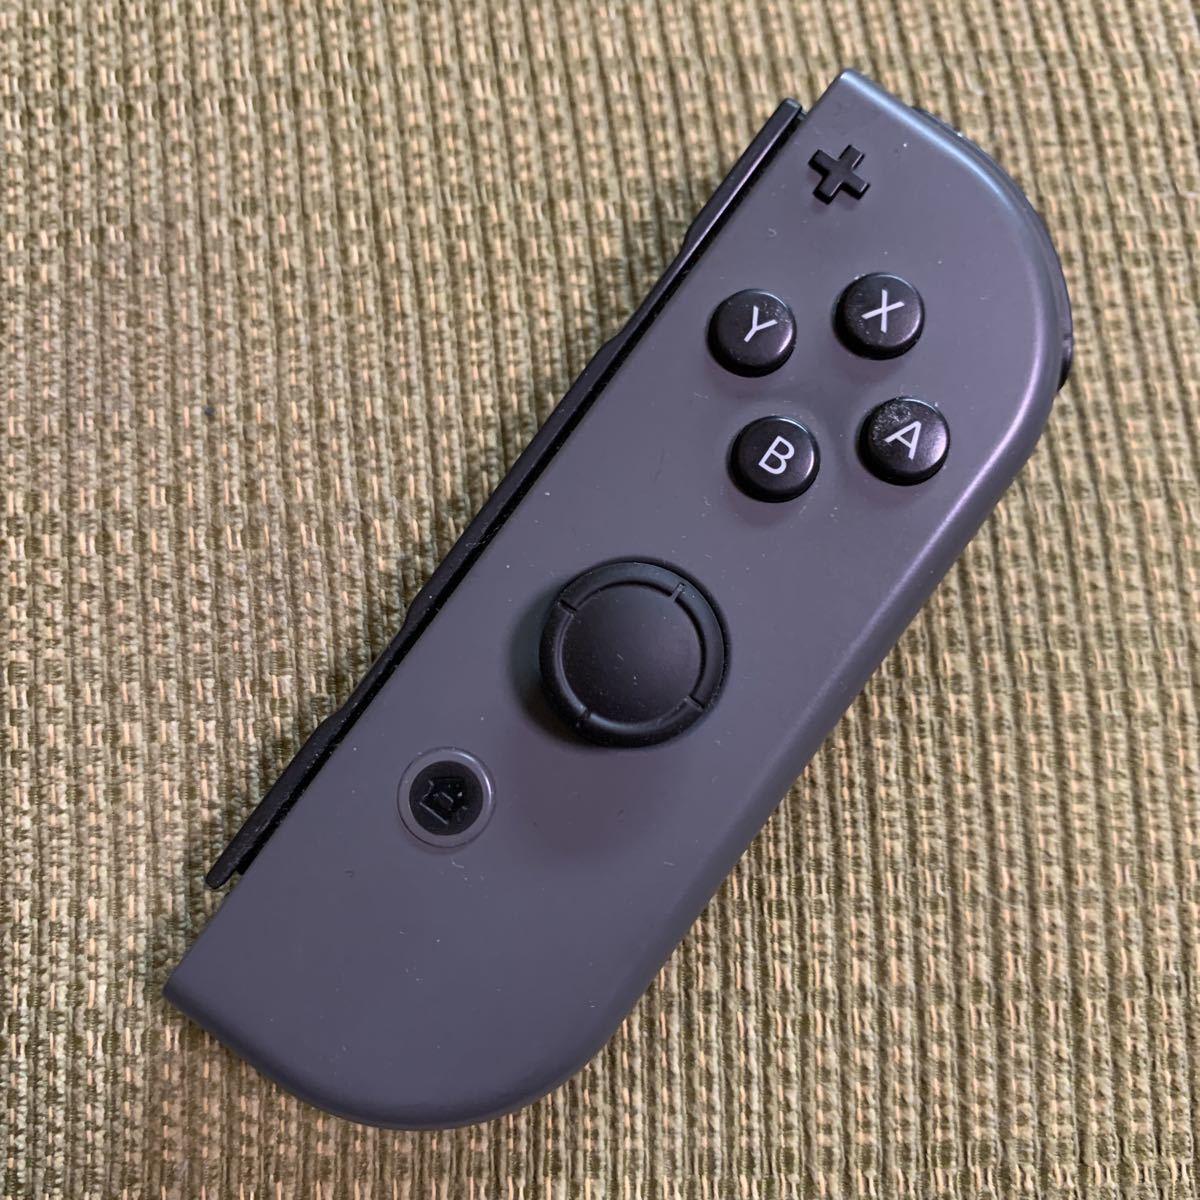 動作確認済み Nintendo Switch Joy-Con(R) グレー R + 右 灰色 任天堂 ニンテンドースイッチジョイコン コントローラー 任天堂 リモコン